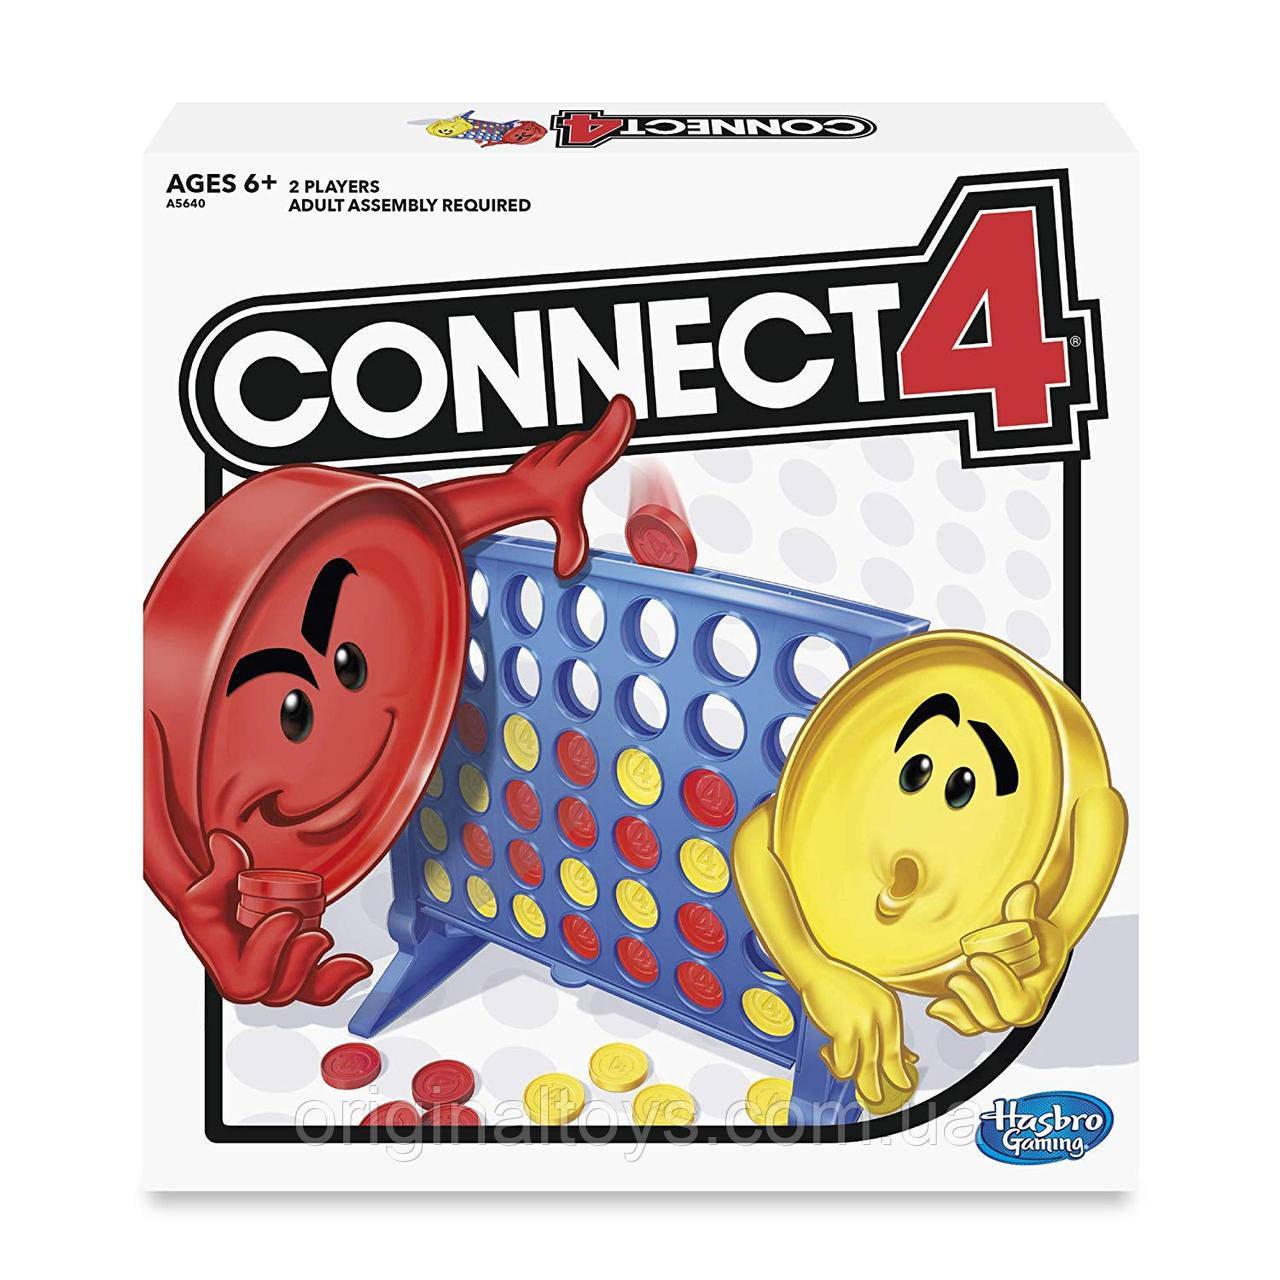 Настольная игра Собери 4 Connect 4 Hasbro A5640